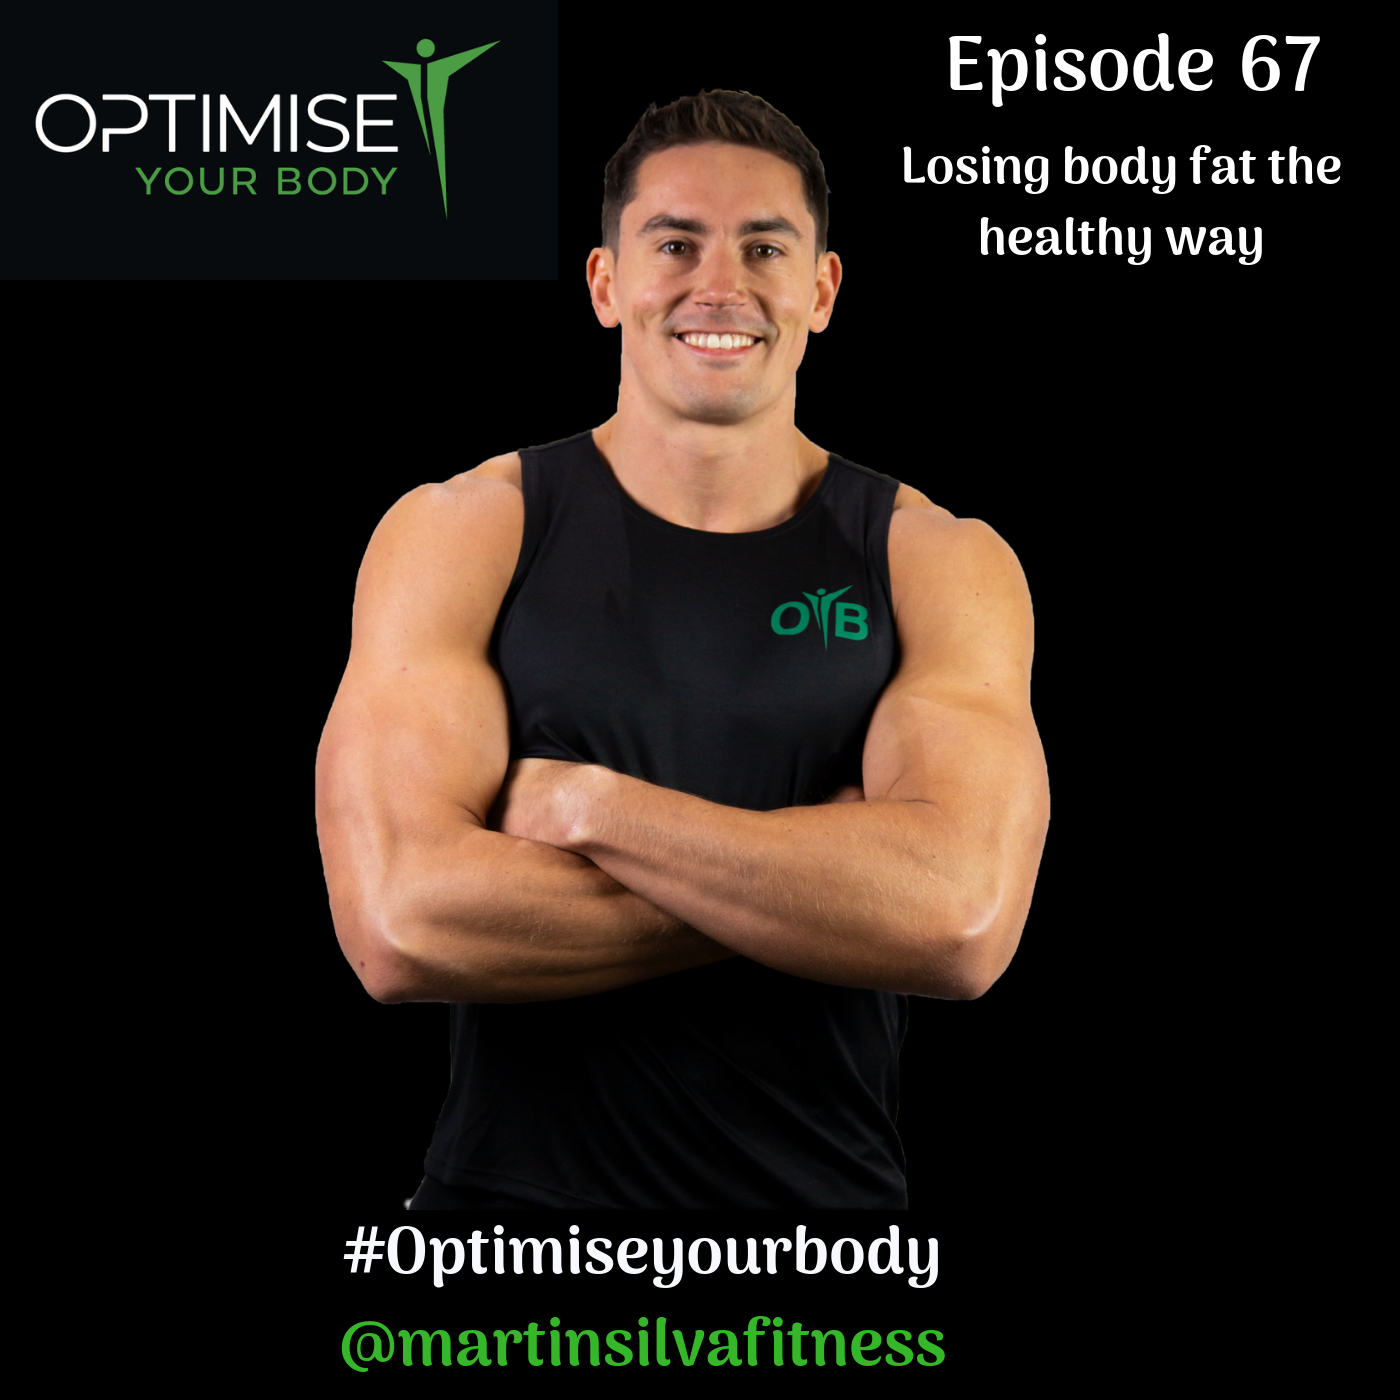 Losing body fat the healthy way